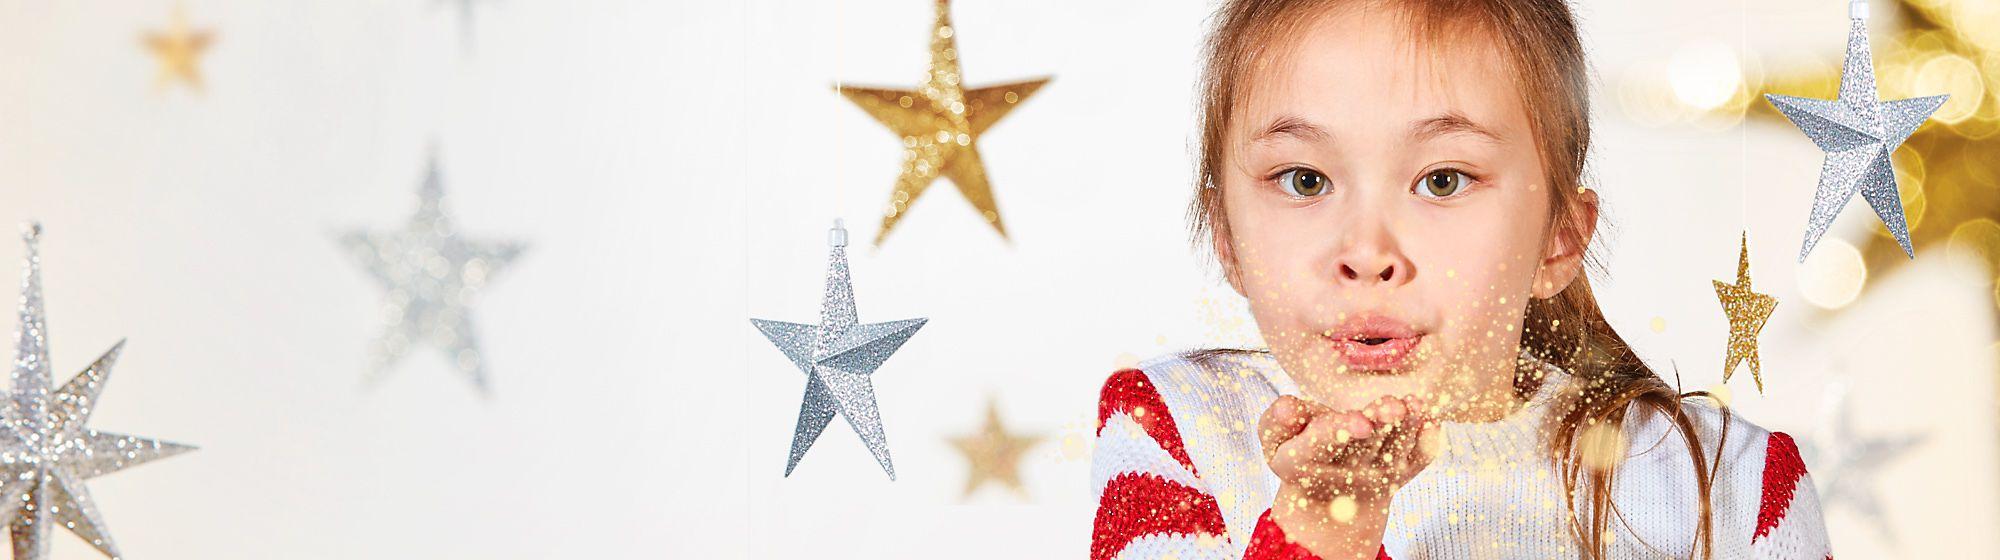 Buscador de regalos Te ayudamos a encontrar el regalo perfecto para esa persona especial.